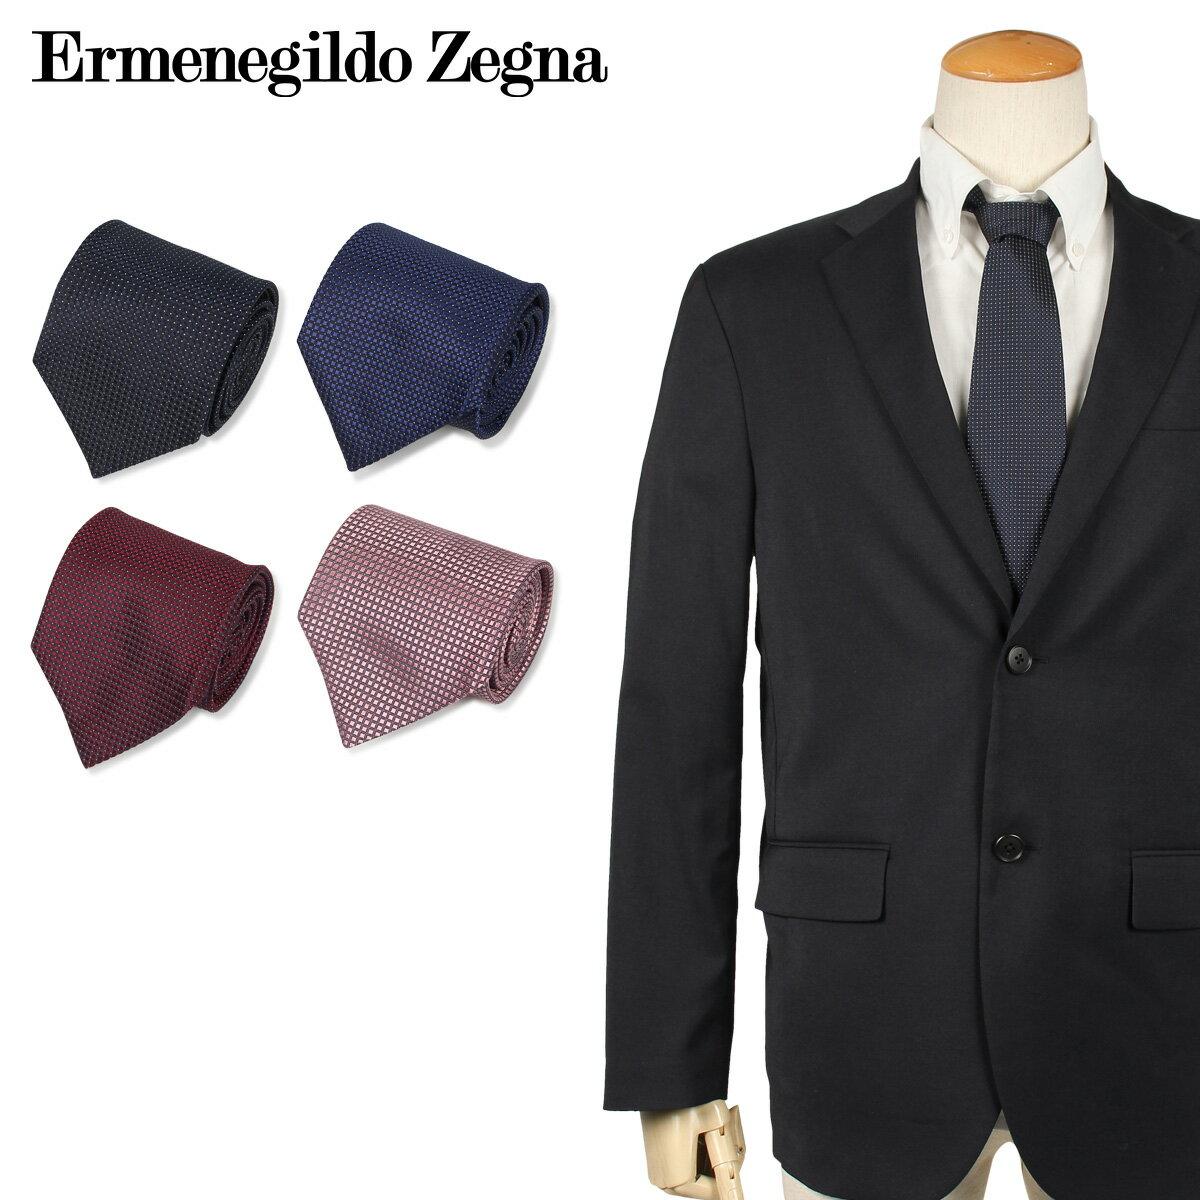 スーツ用ファッション小物, ネクタイ 2000OFF Ermenegildo Zegna